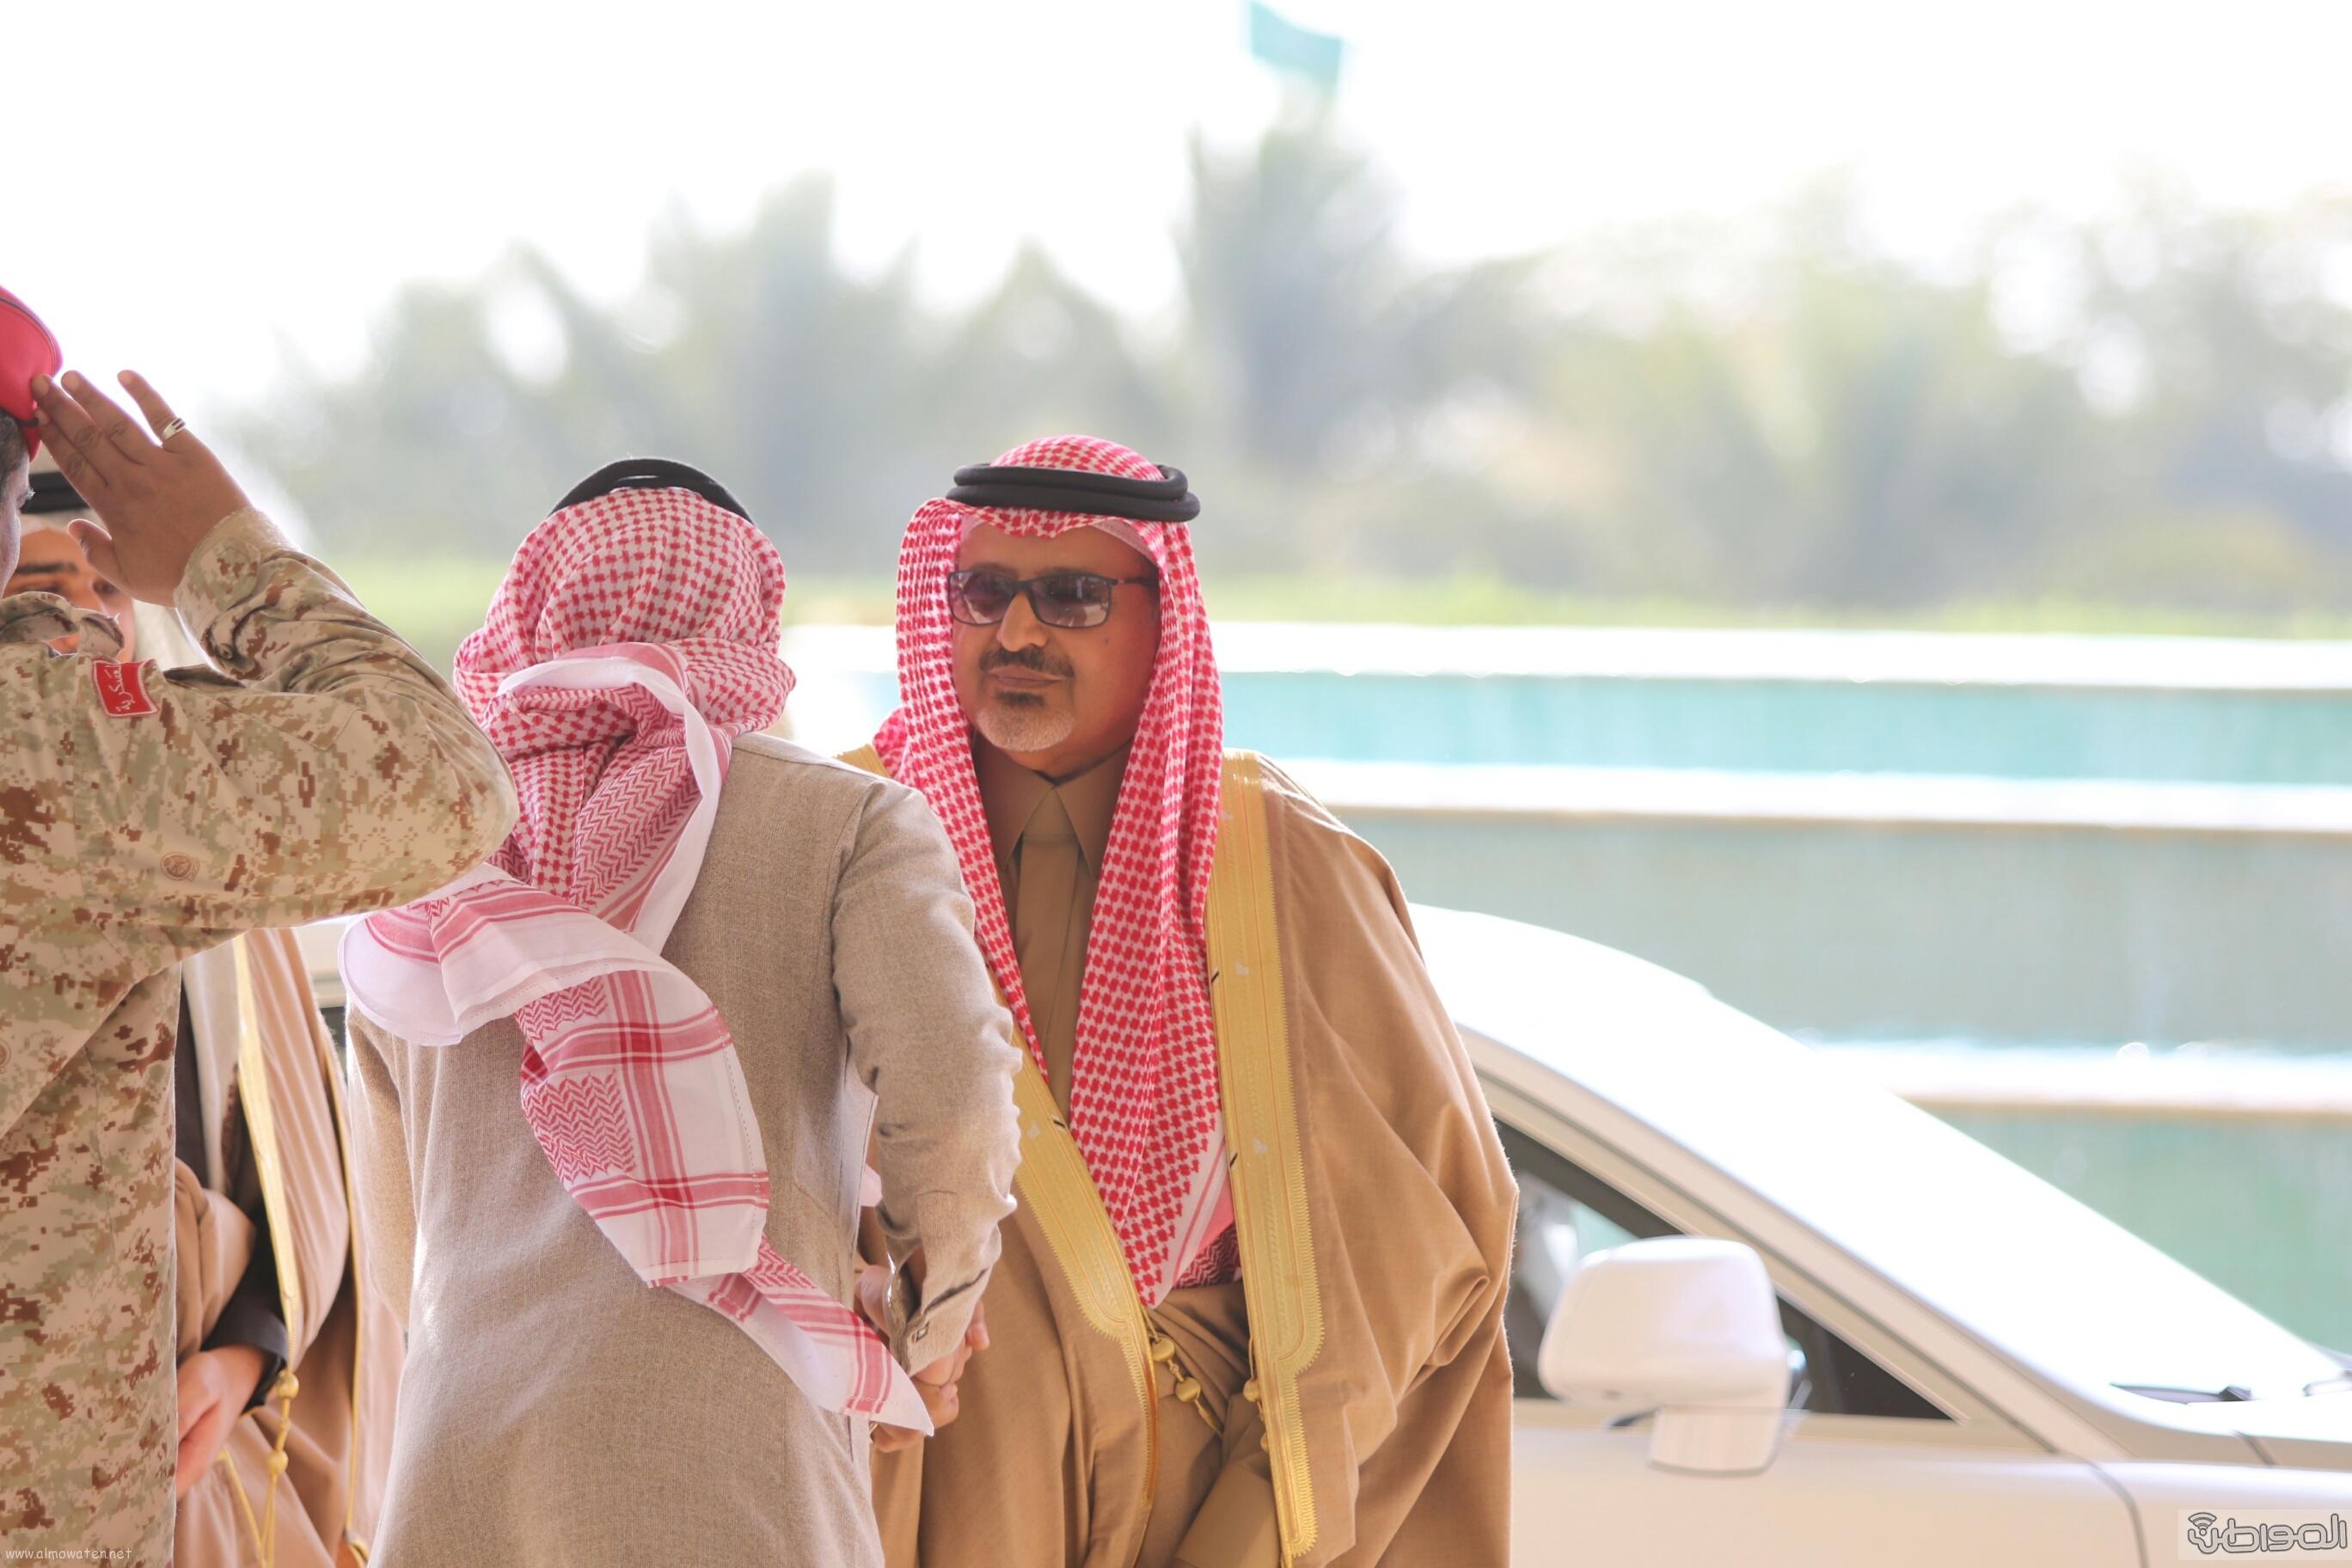 اختتام-كرنفال-كؤوس-الملوك-والامير-بدر-بفروسية-الرياض (1)